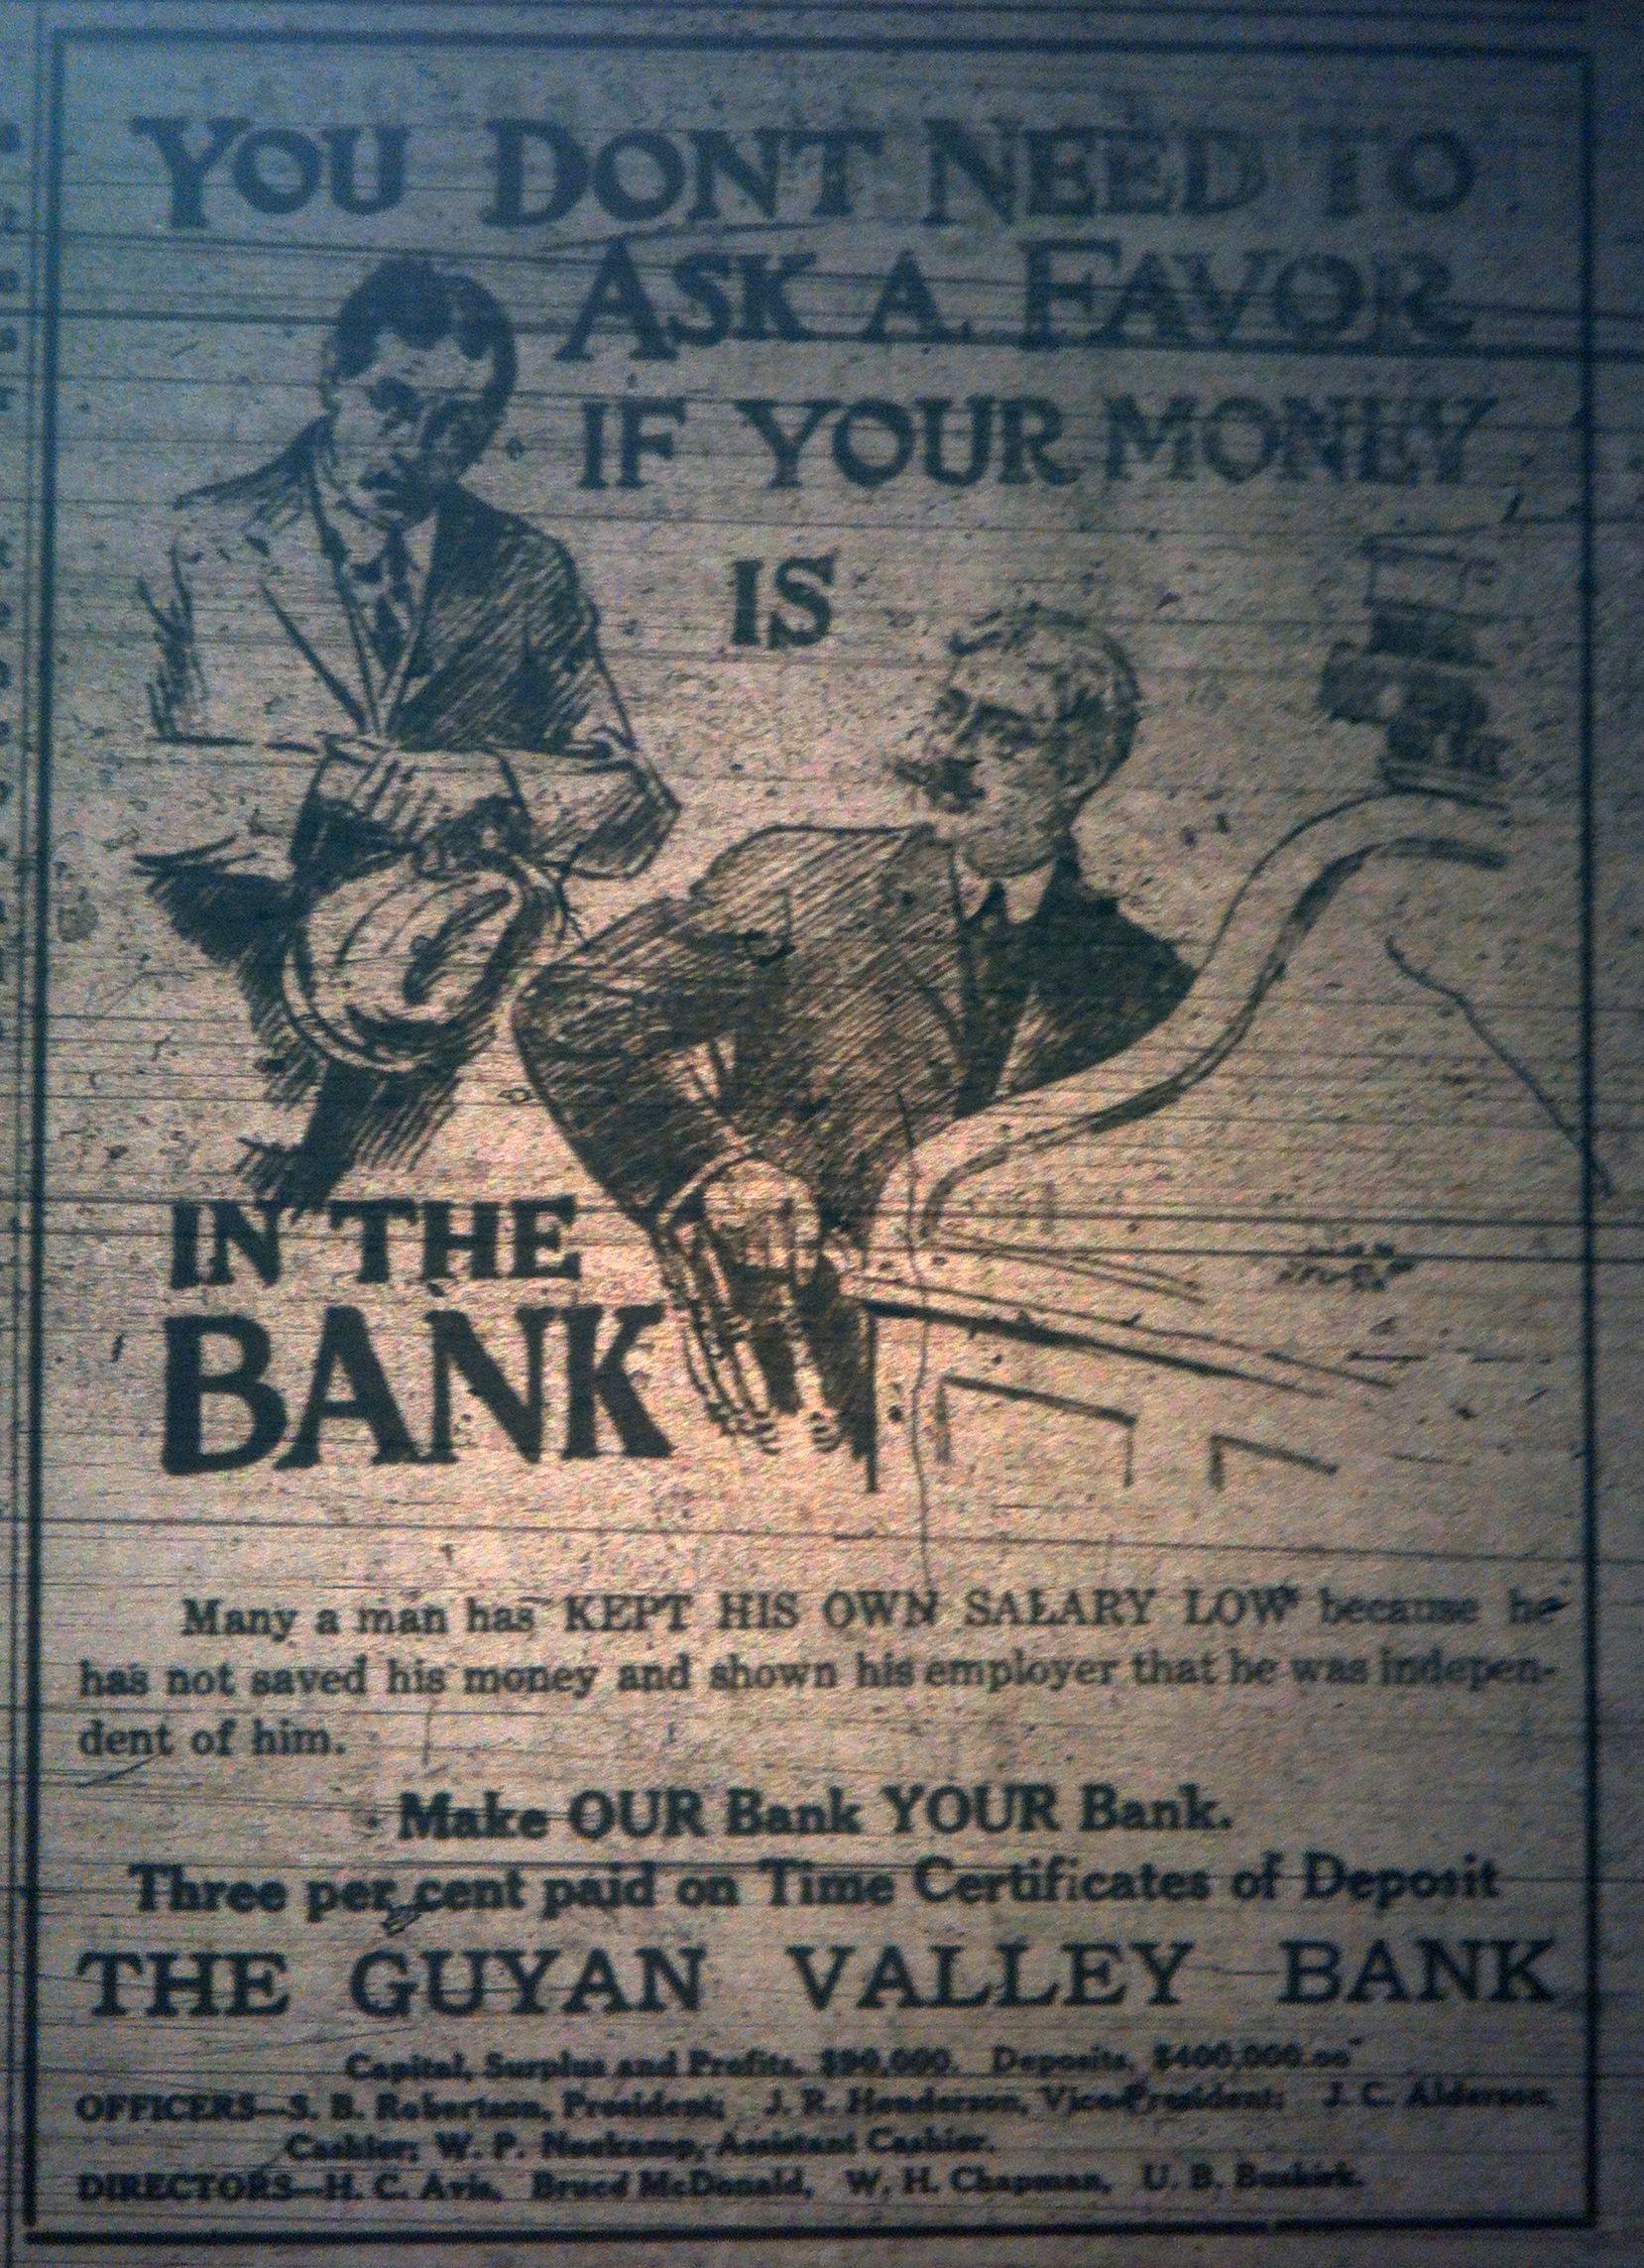 Guyan Valley Bank Ad LD 01.19.1911 1